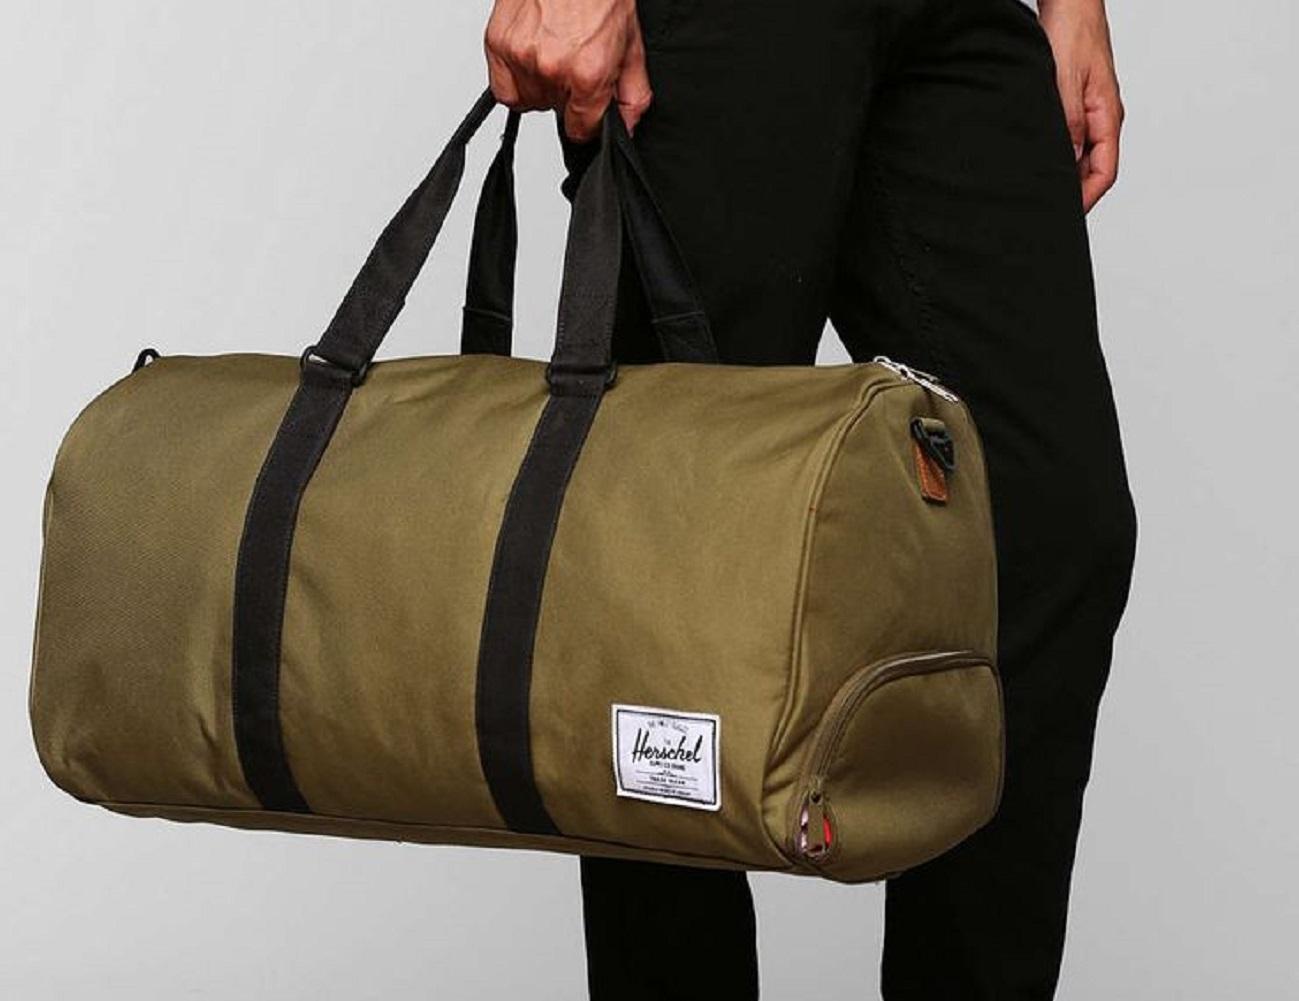 Novel+Duffle+Bag+By+Herschel+Supply+Co.